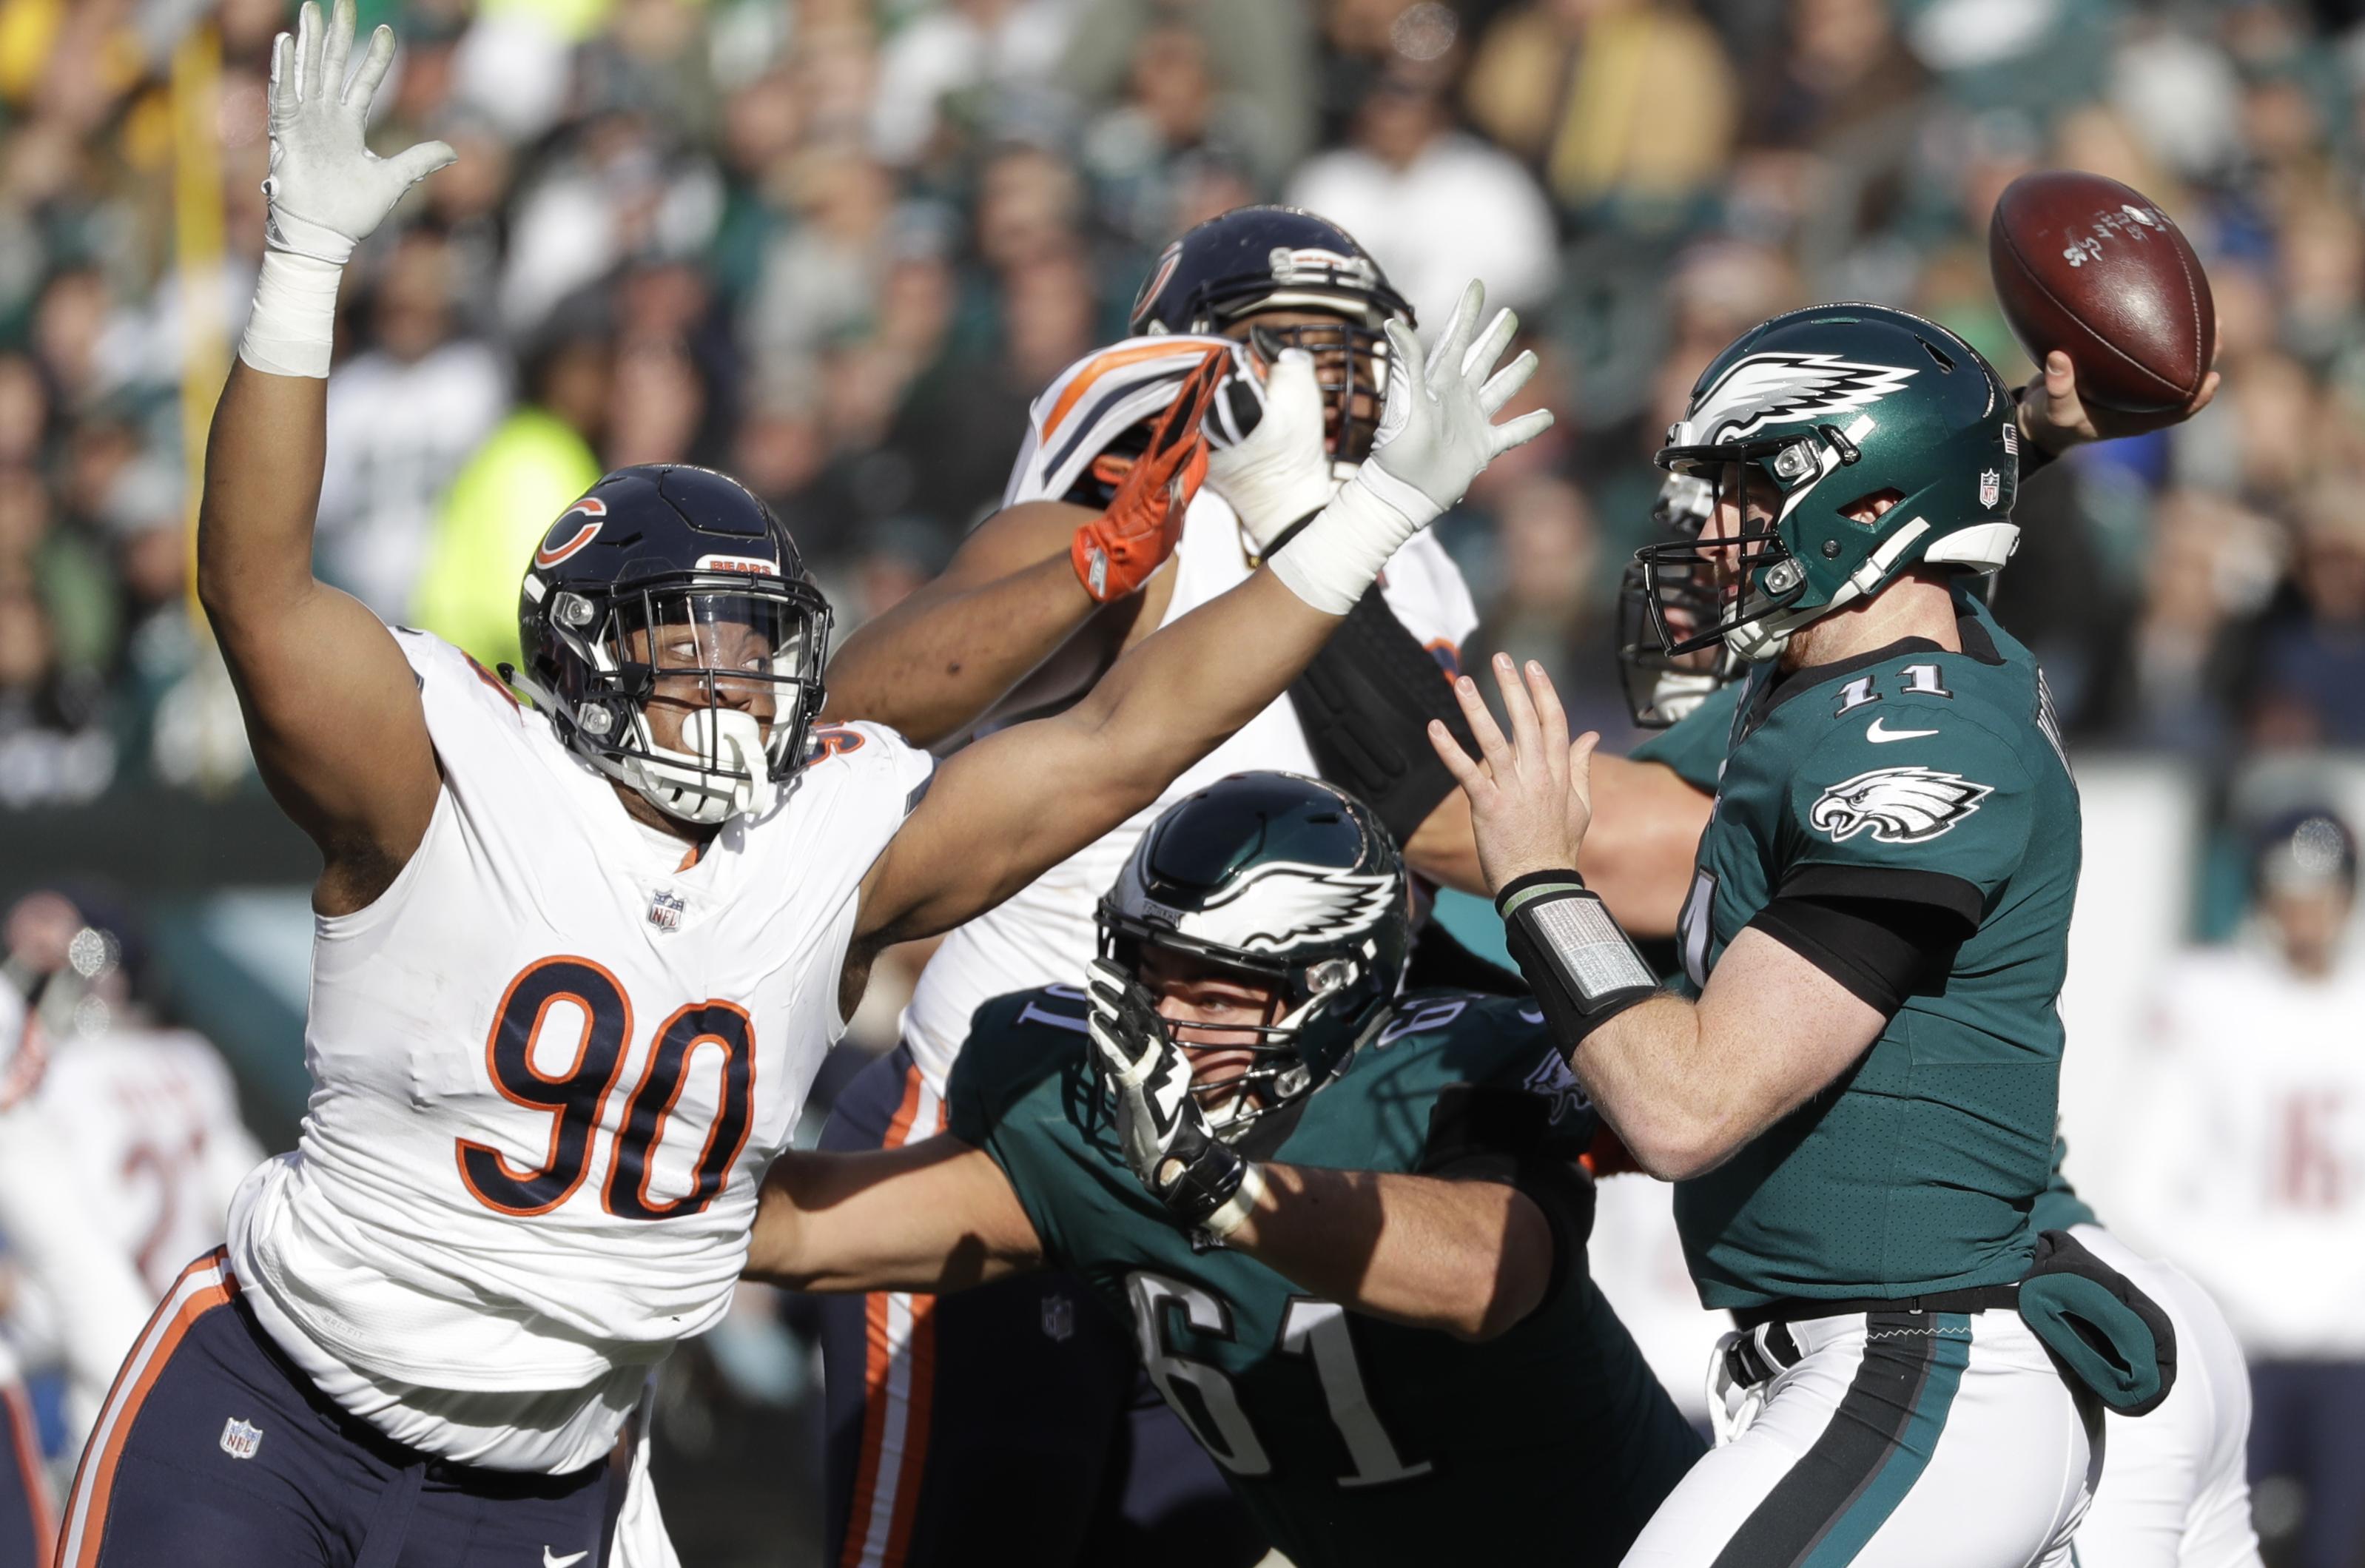 530bc5108 Philadelphia Eagles  Carson Wentz (11) passes against Chicago Bears   Jonathan Bullard (